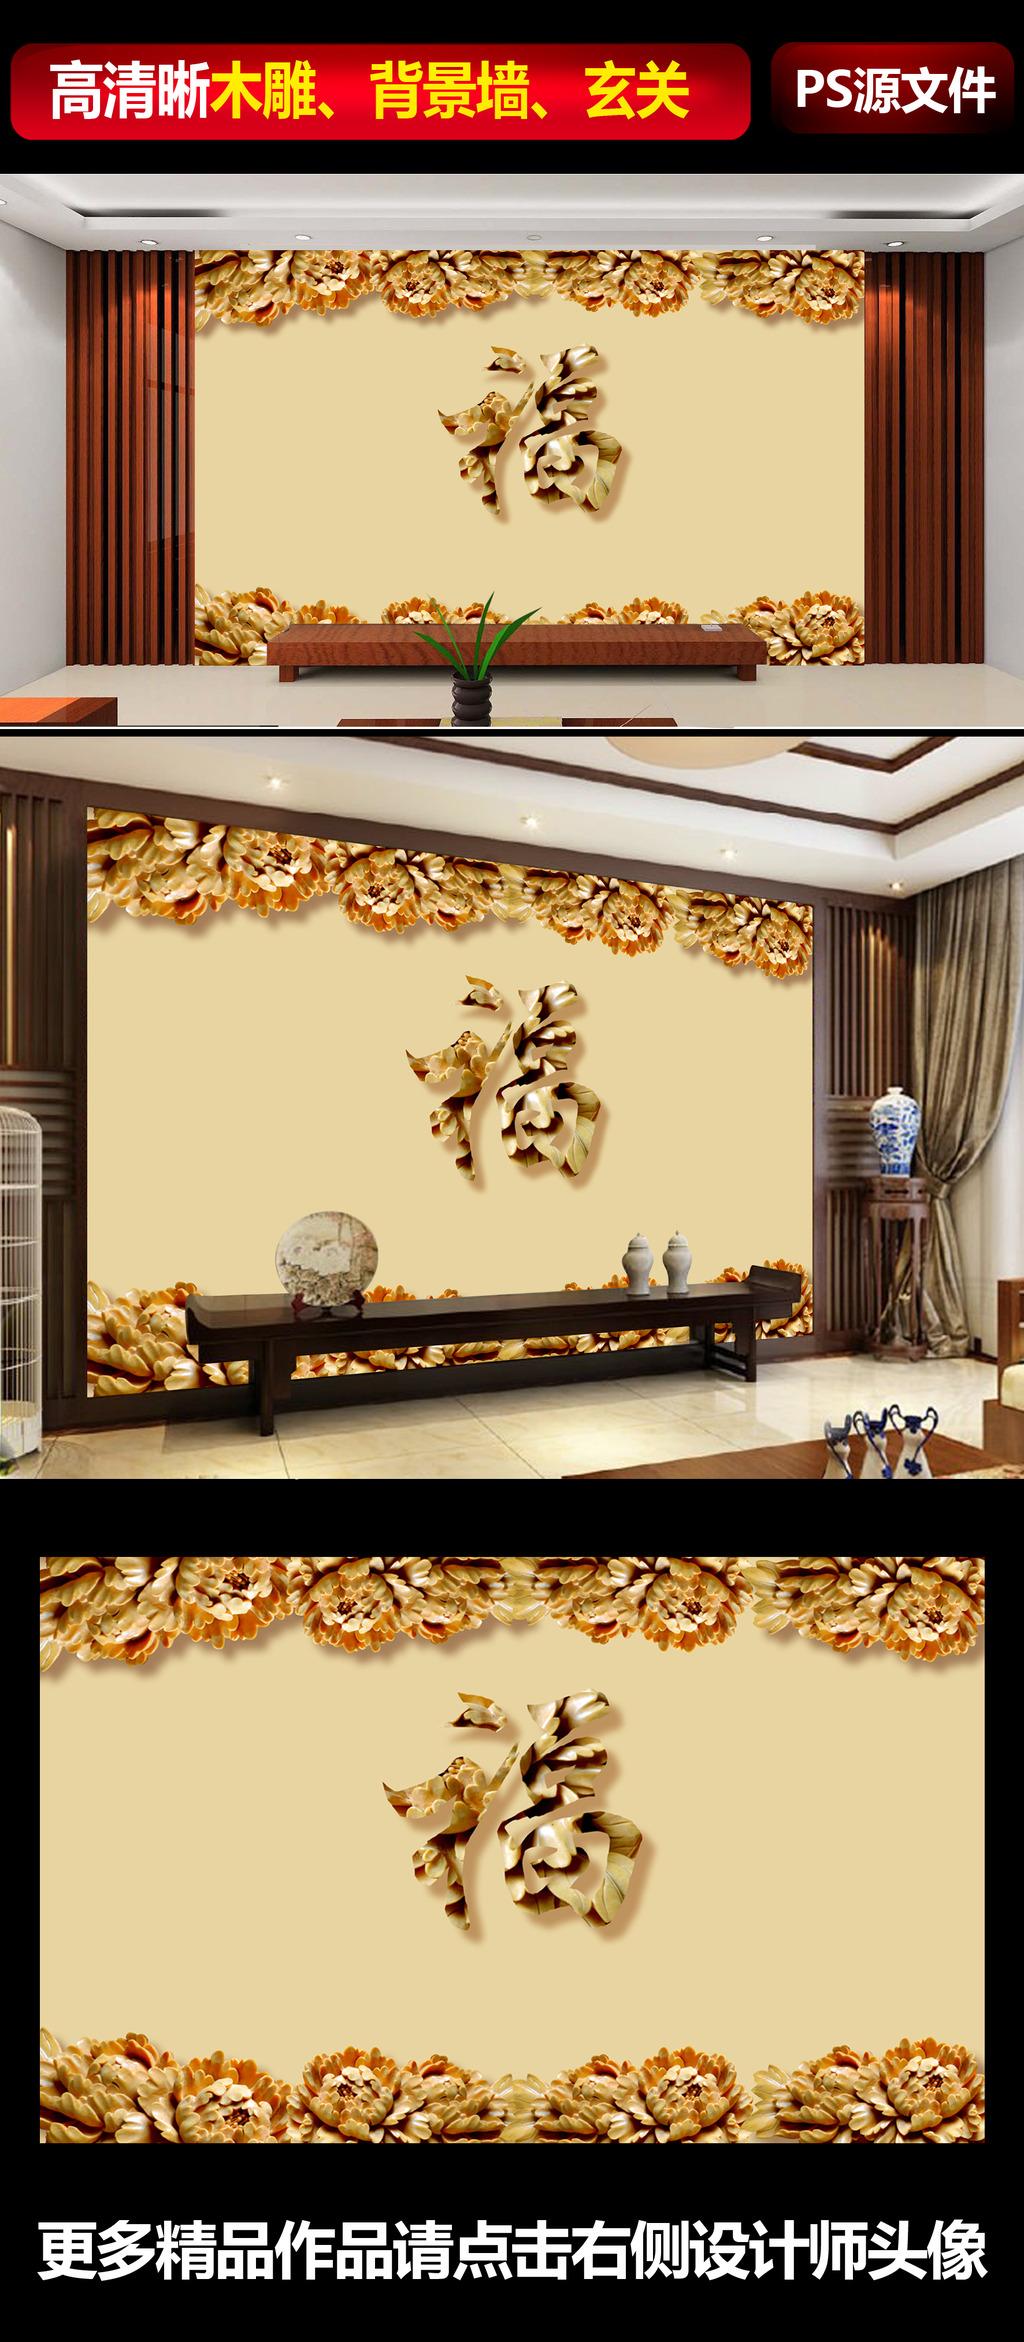 高档立体木雕牡丹福字图客厅电视背景墙